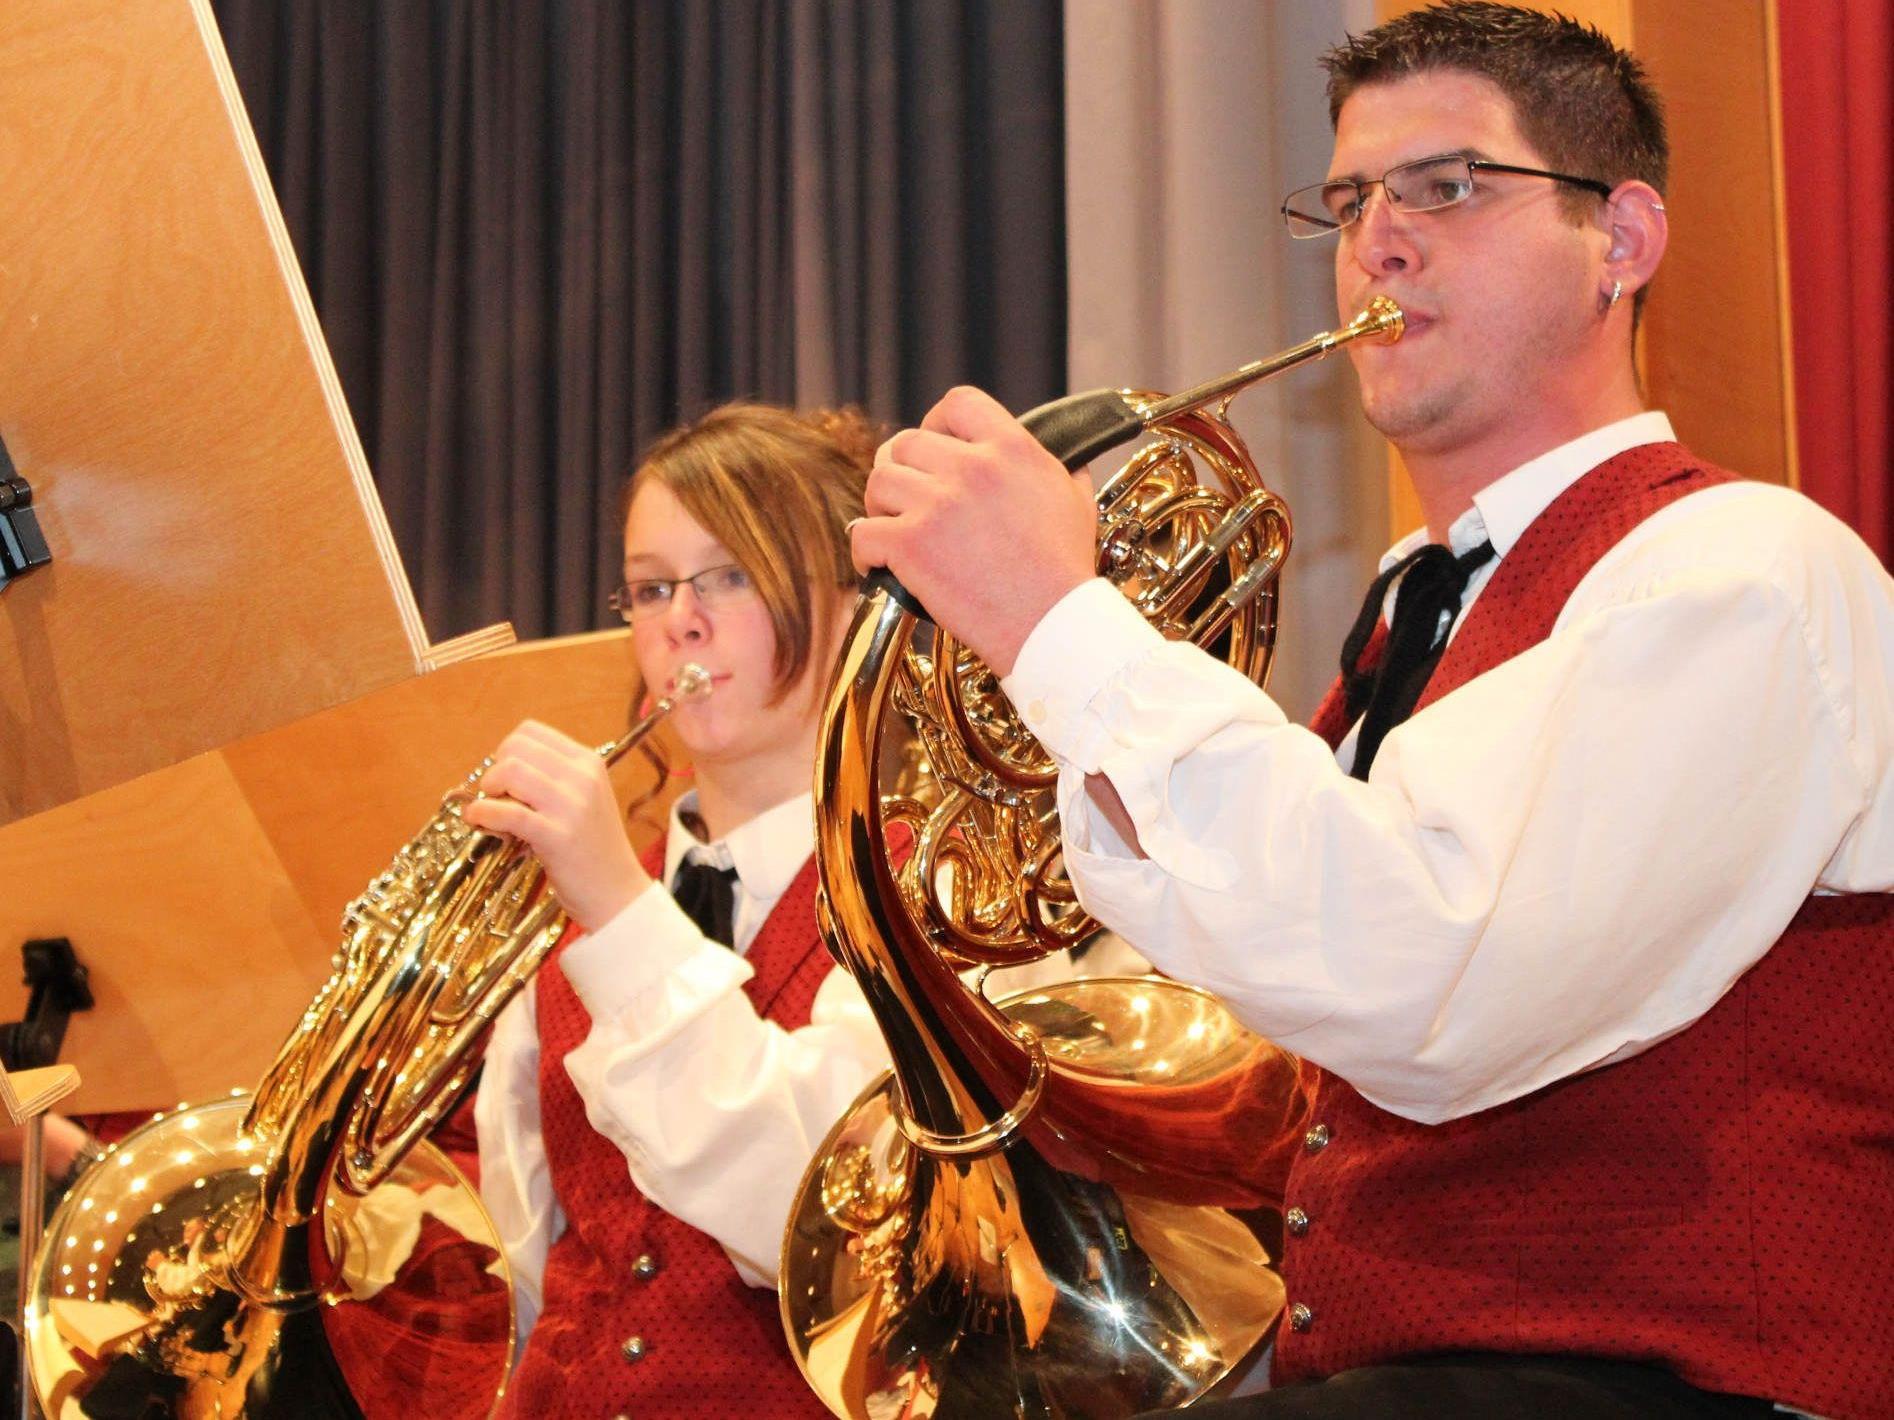 Der Musikverein sorgt für vorweihnachtliche Klänge in der Wallfahrtskirche.